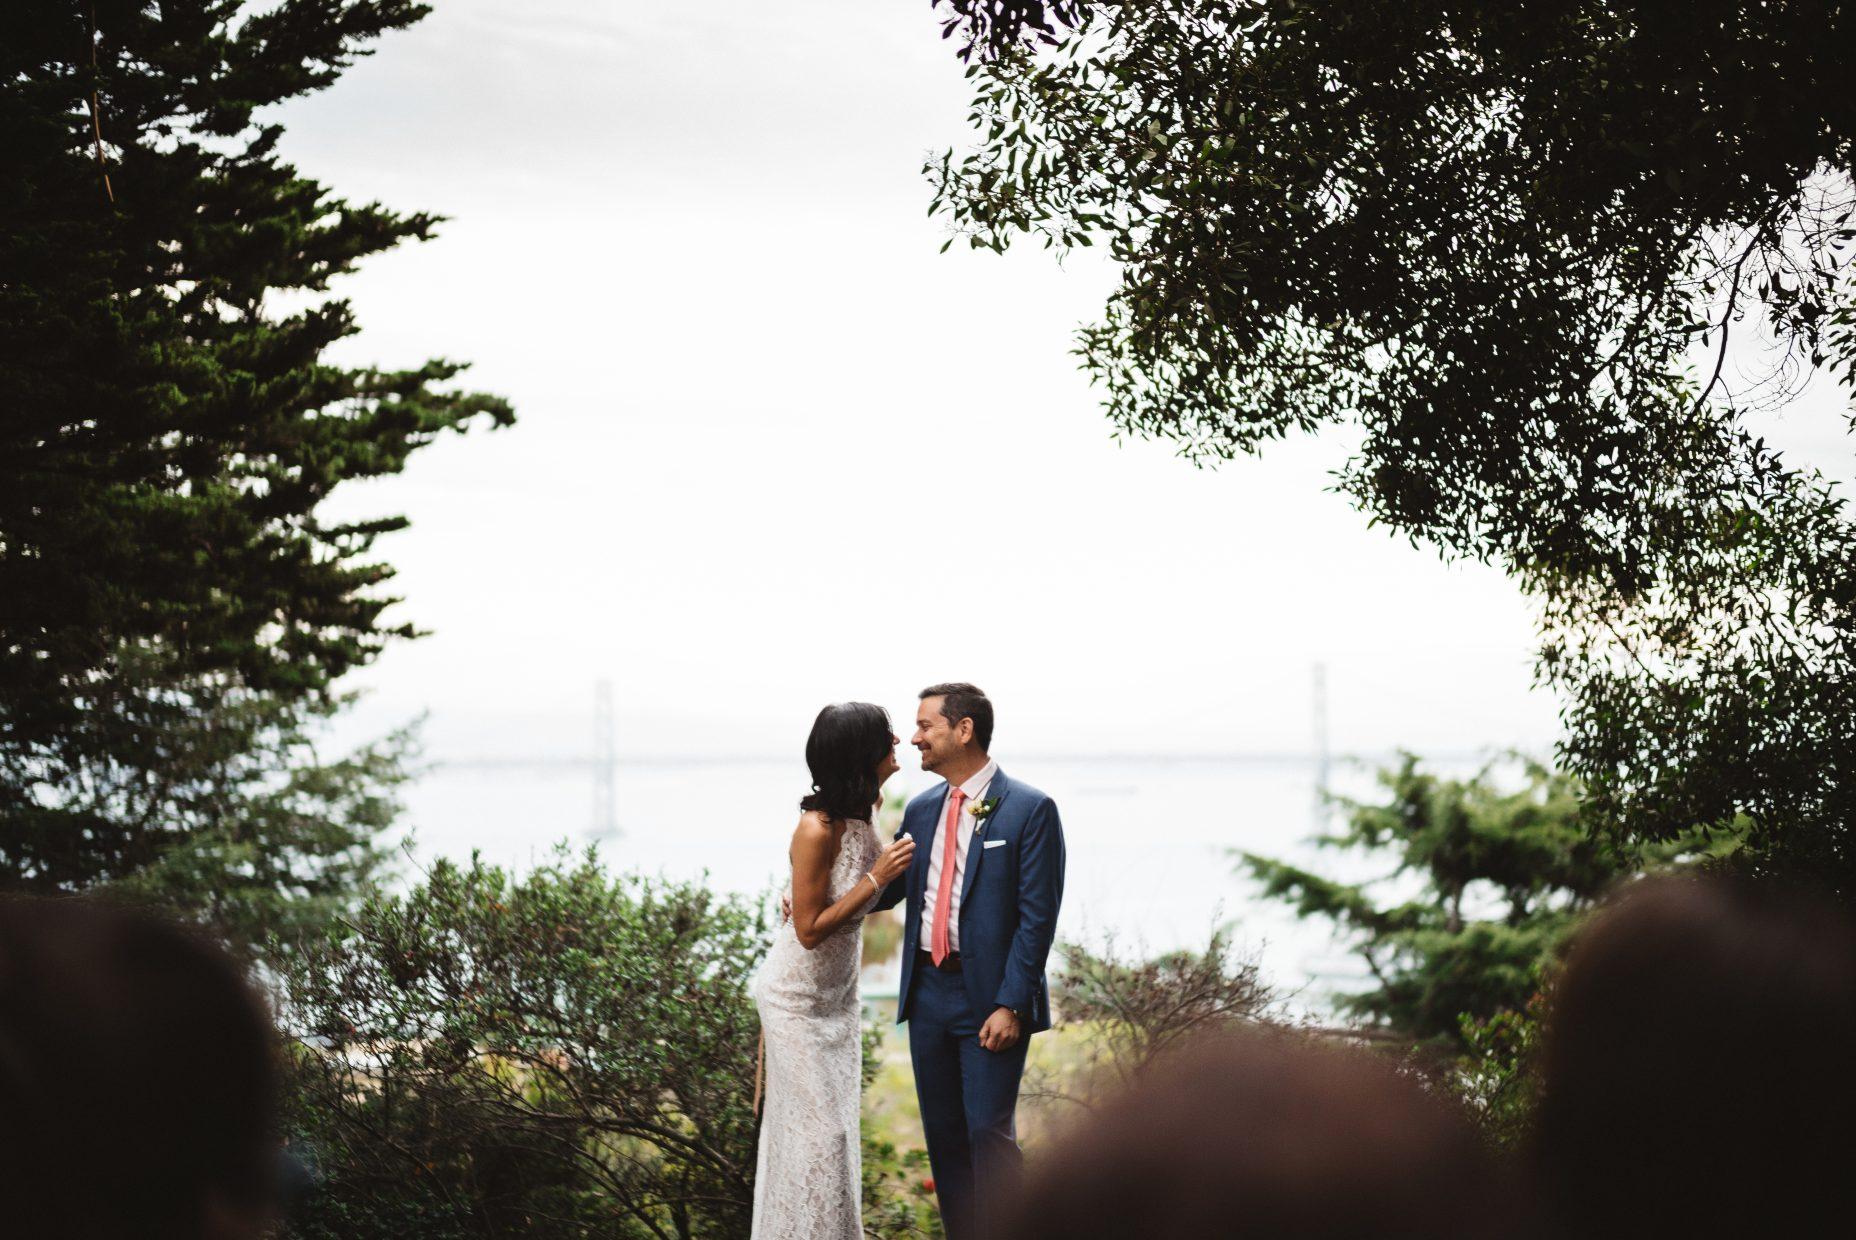 bay area wedding photographer photos